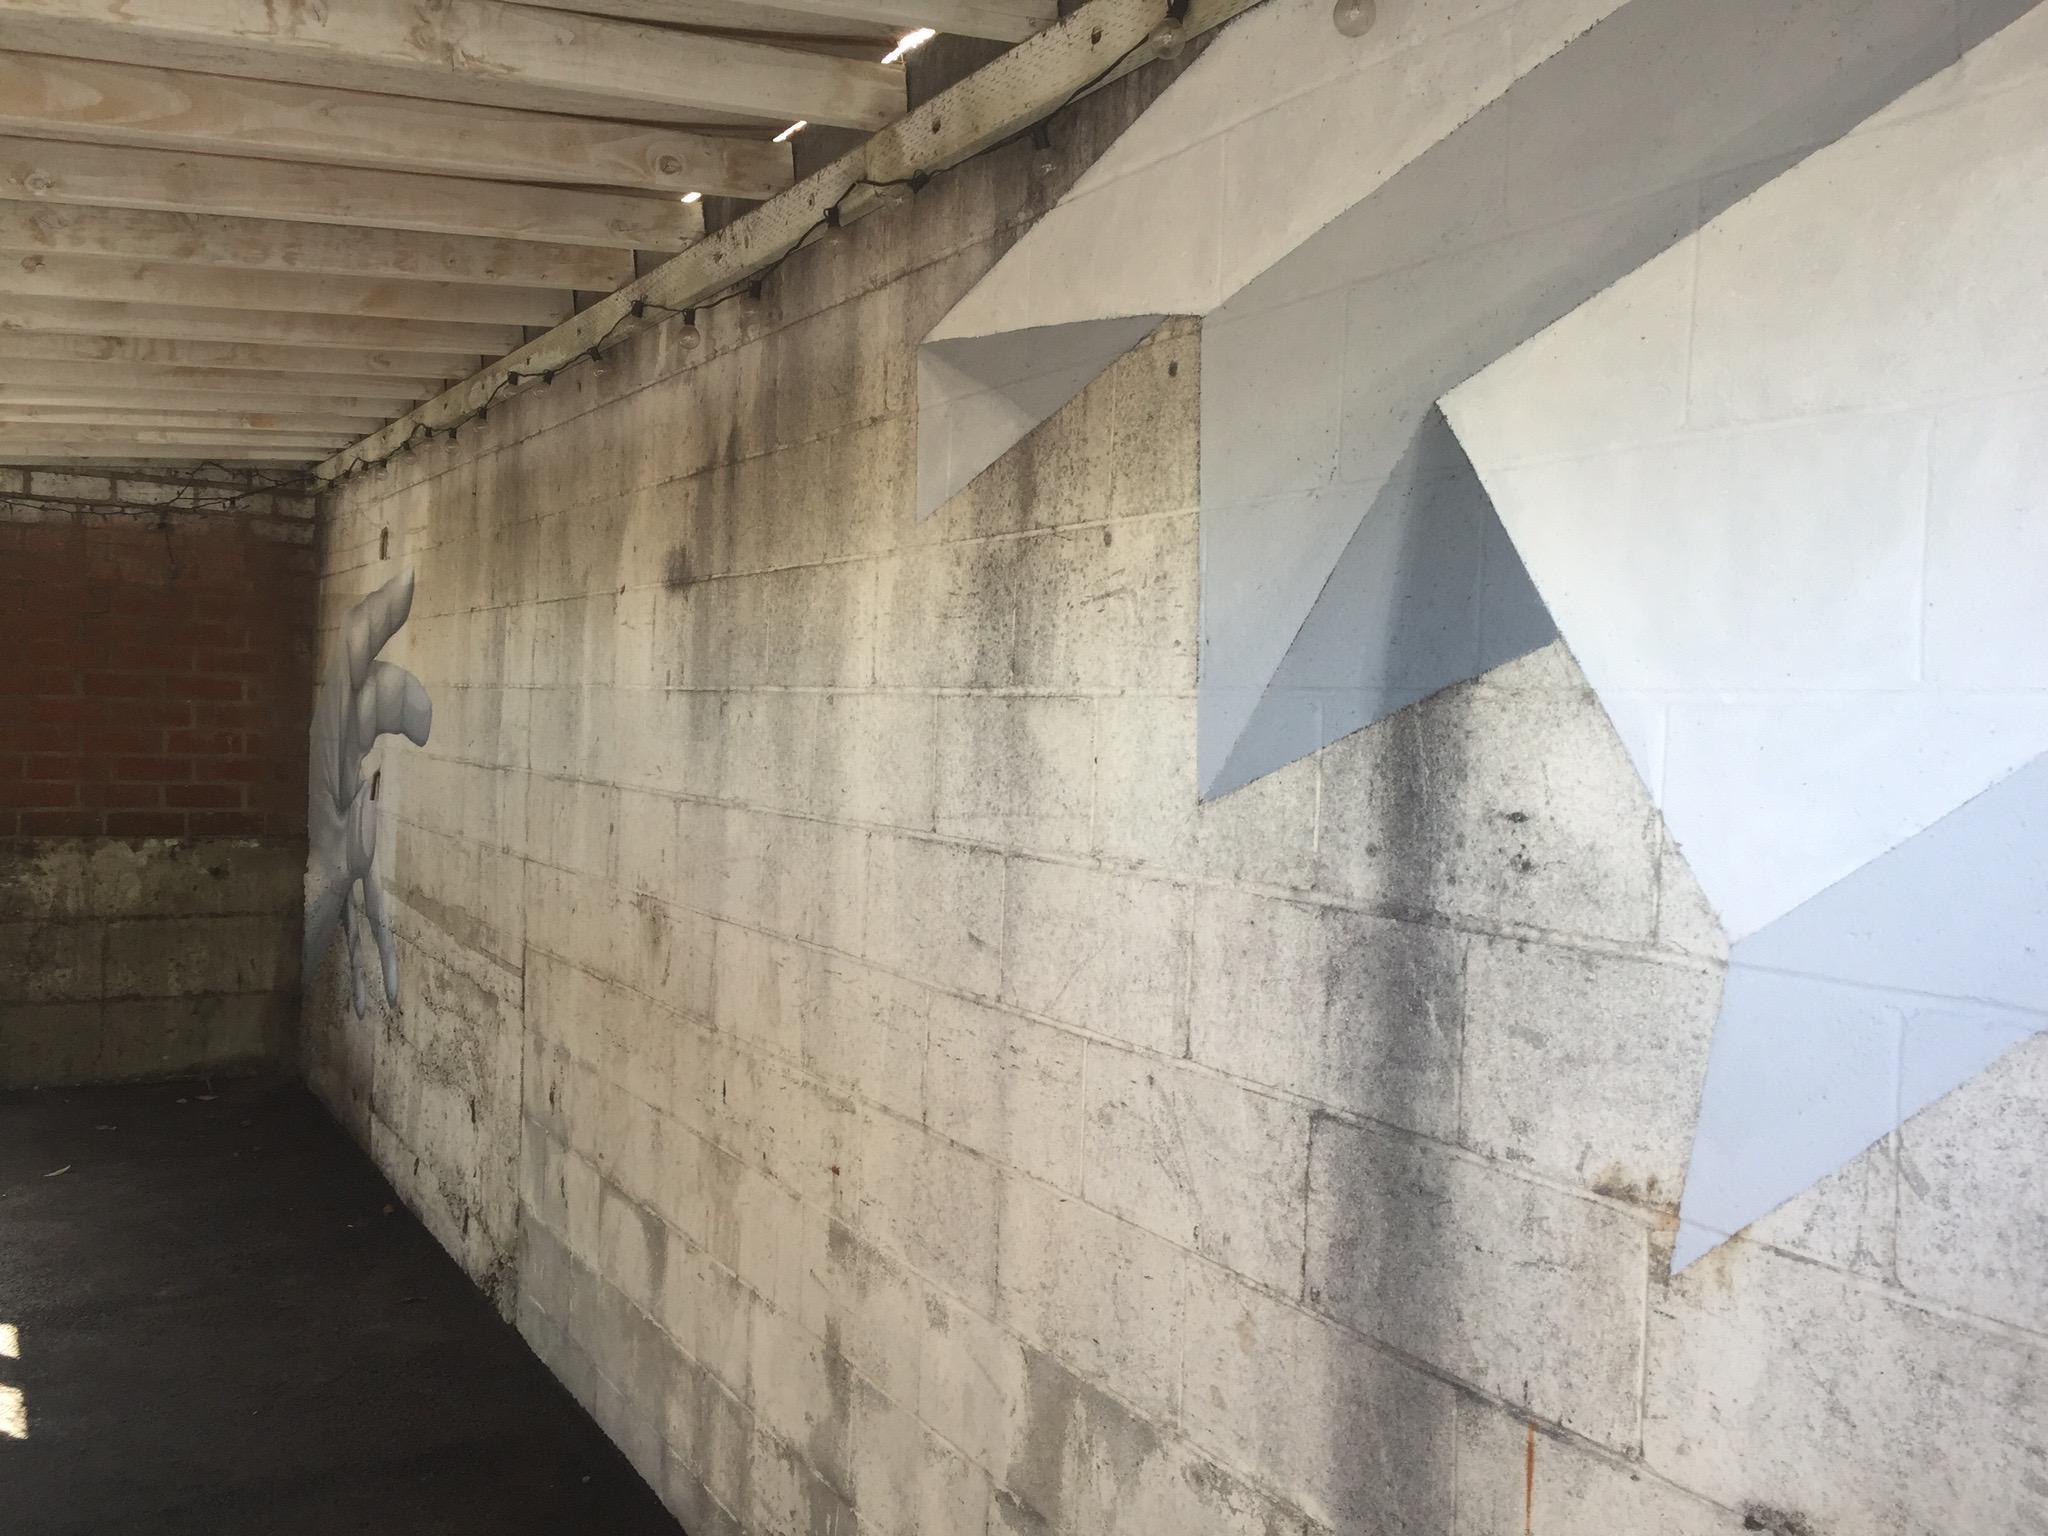 Mural - Bizhaus (parking lot wall)